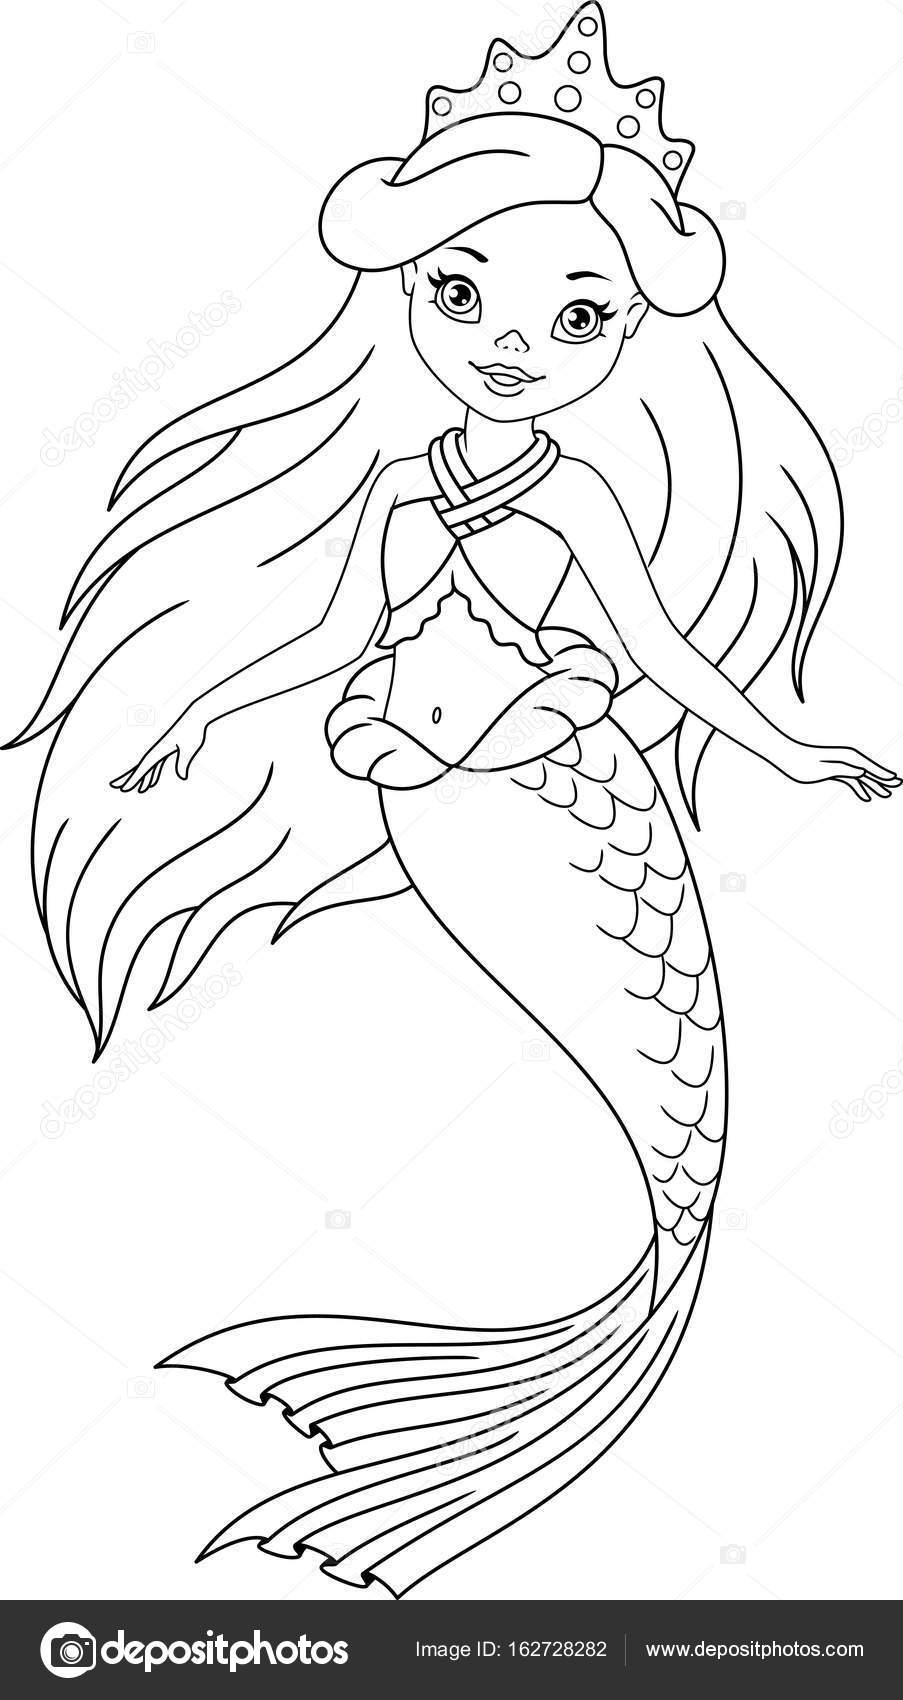 Página para colorear de sirena — Archivo Imágenes Vectoriales ...